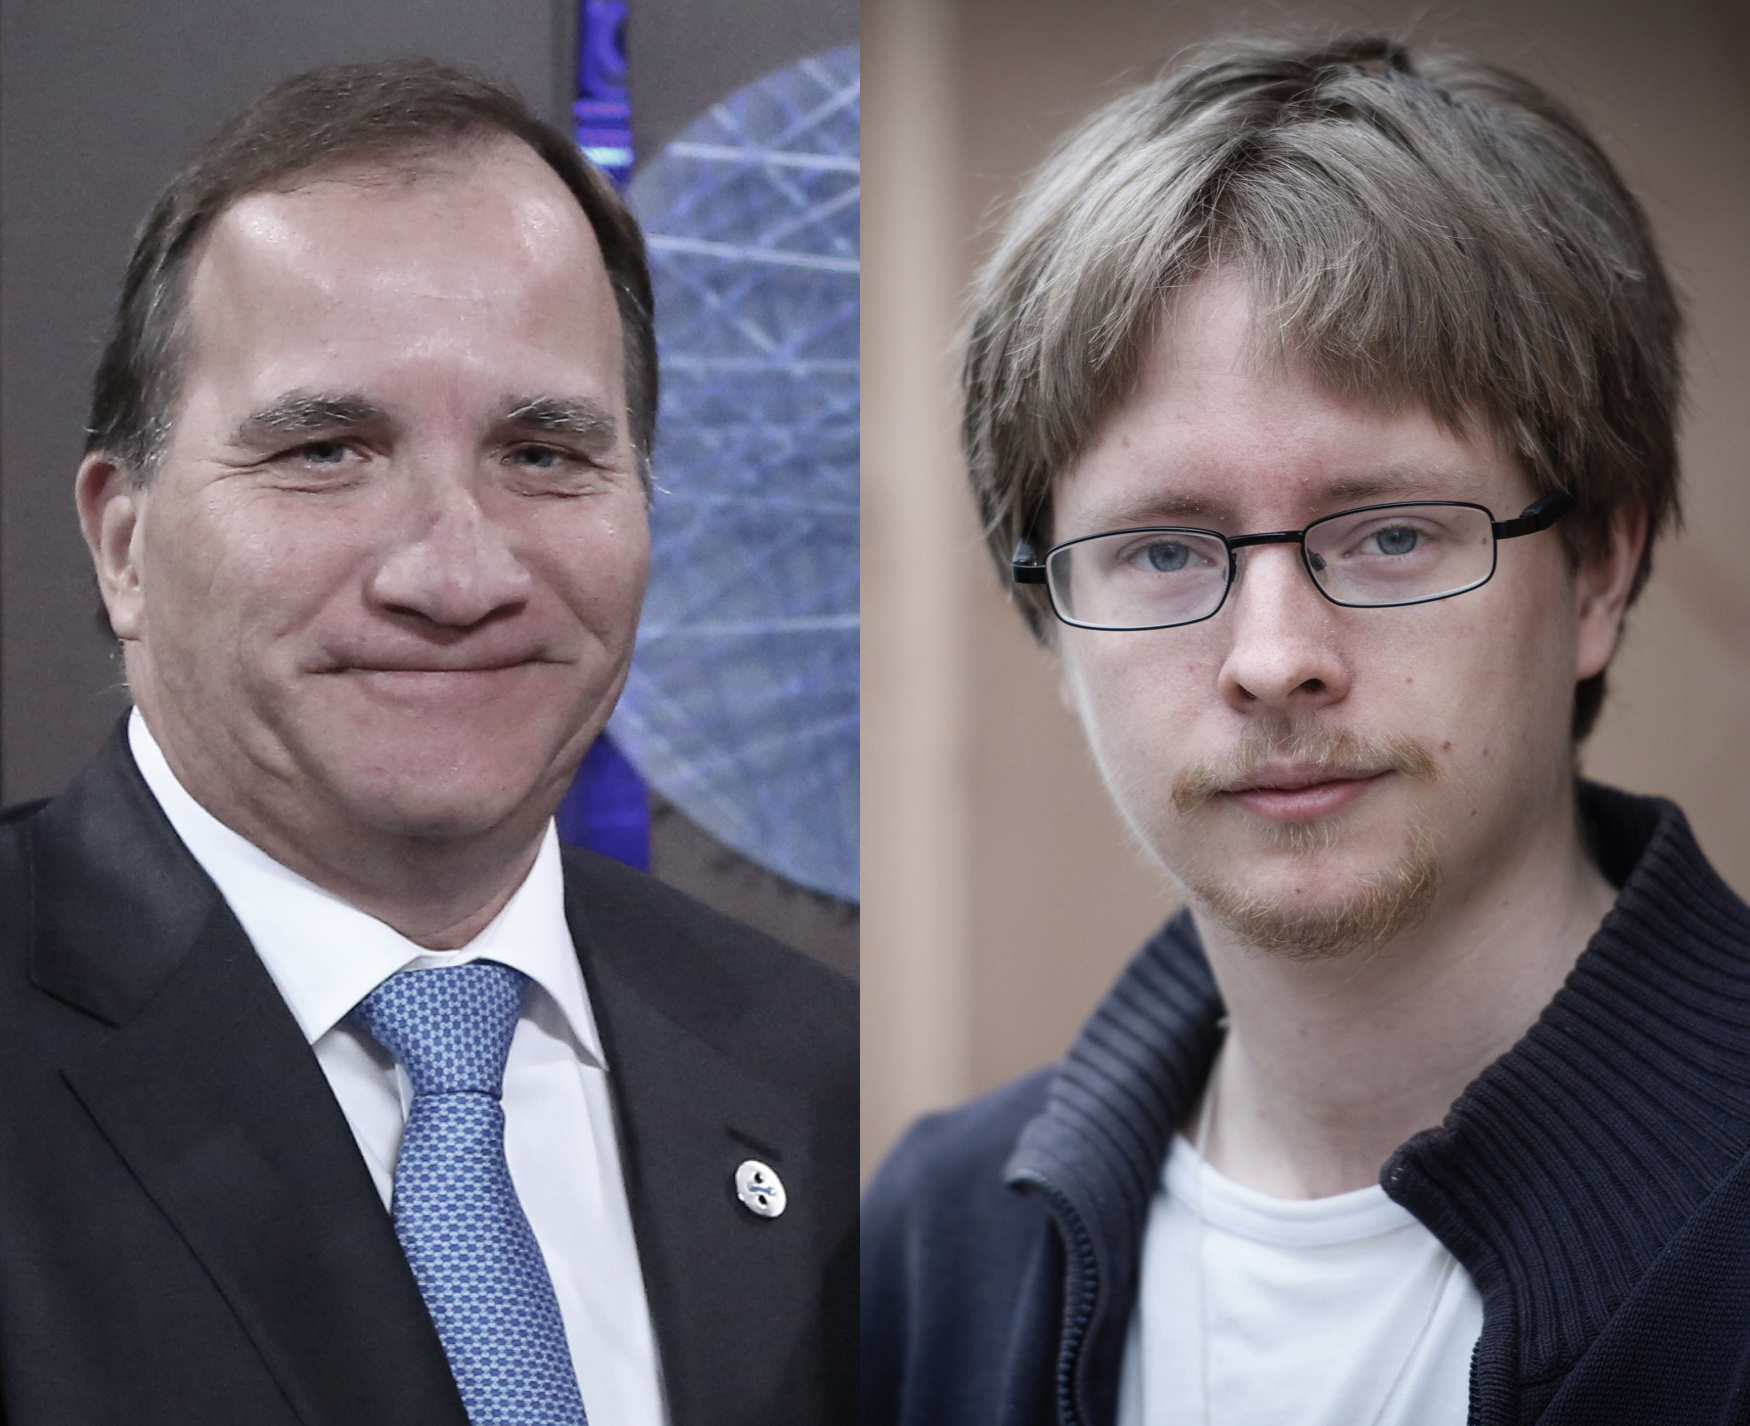 Öppet brev till regeringen: 386 personer vittnar om att Sverige försöker utvisa genuina konvertiter